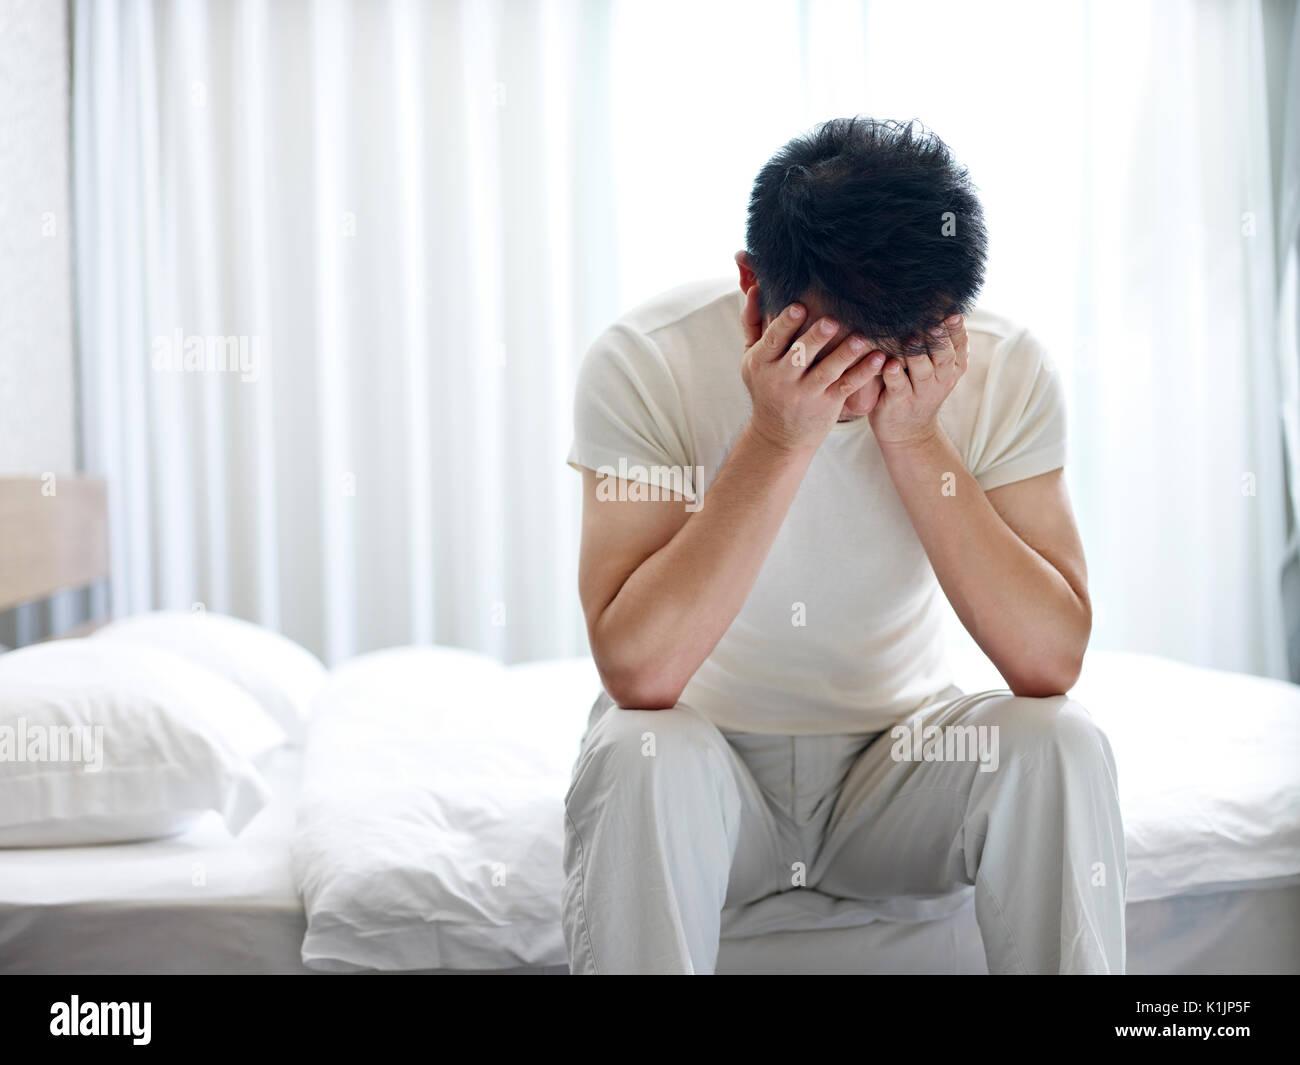 Uomo asiatico che soffrono di insonnia seduta sul letto a testa in giù che ricopre la faccia con le mani. Immagini Stock